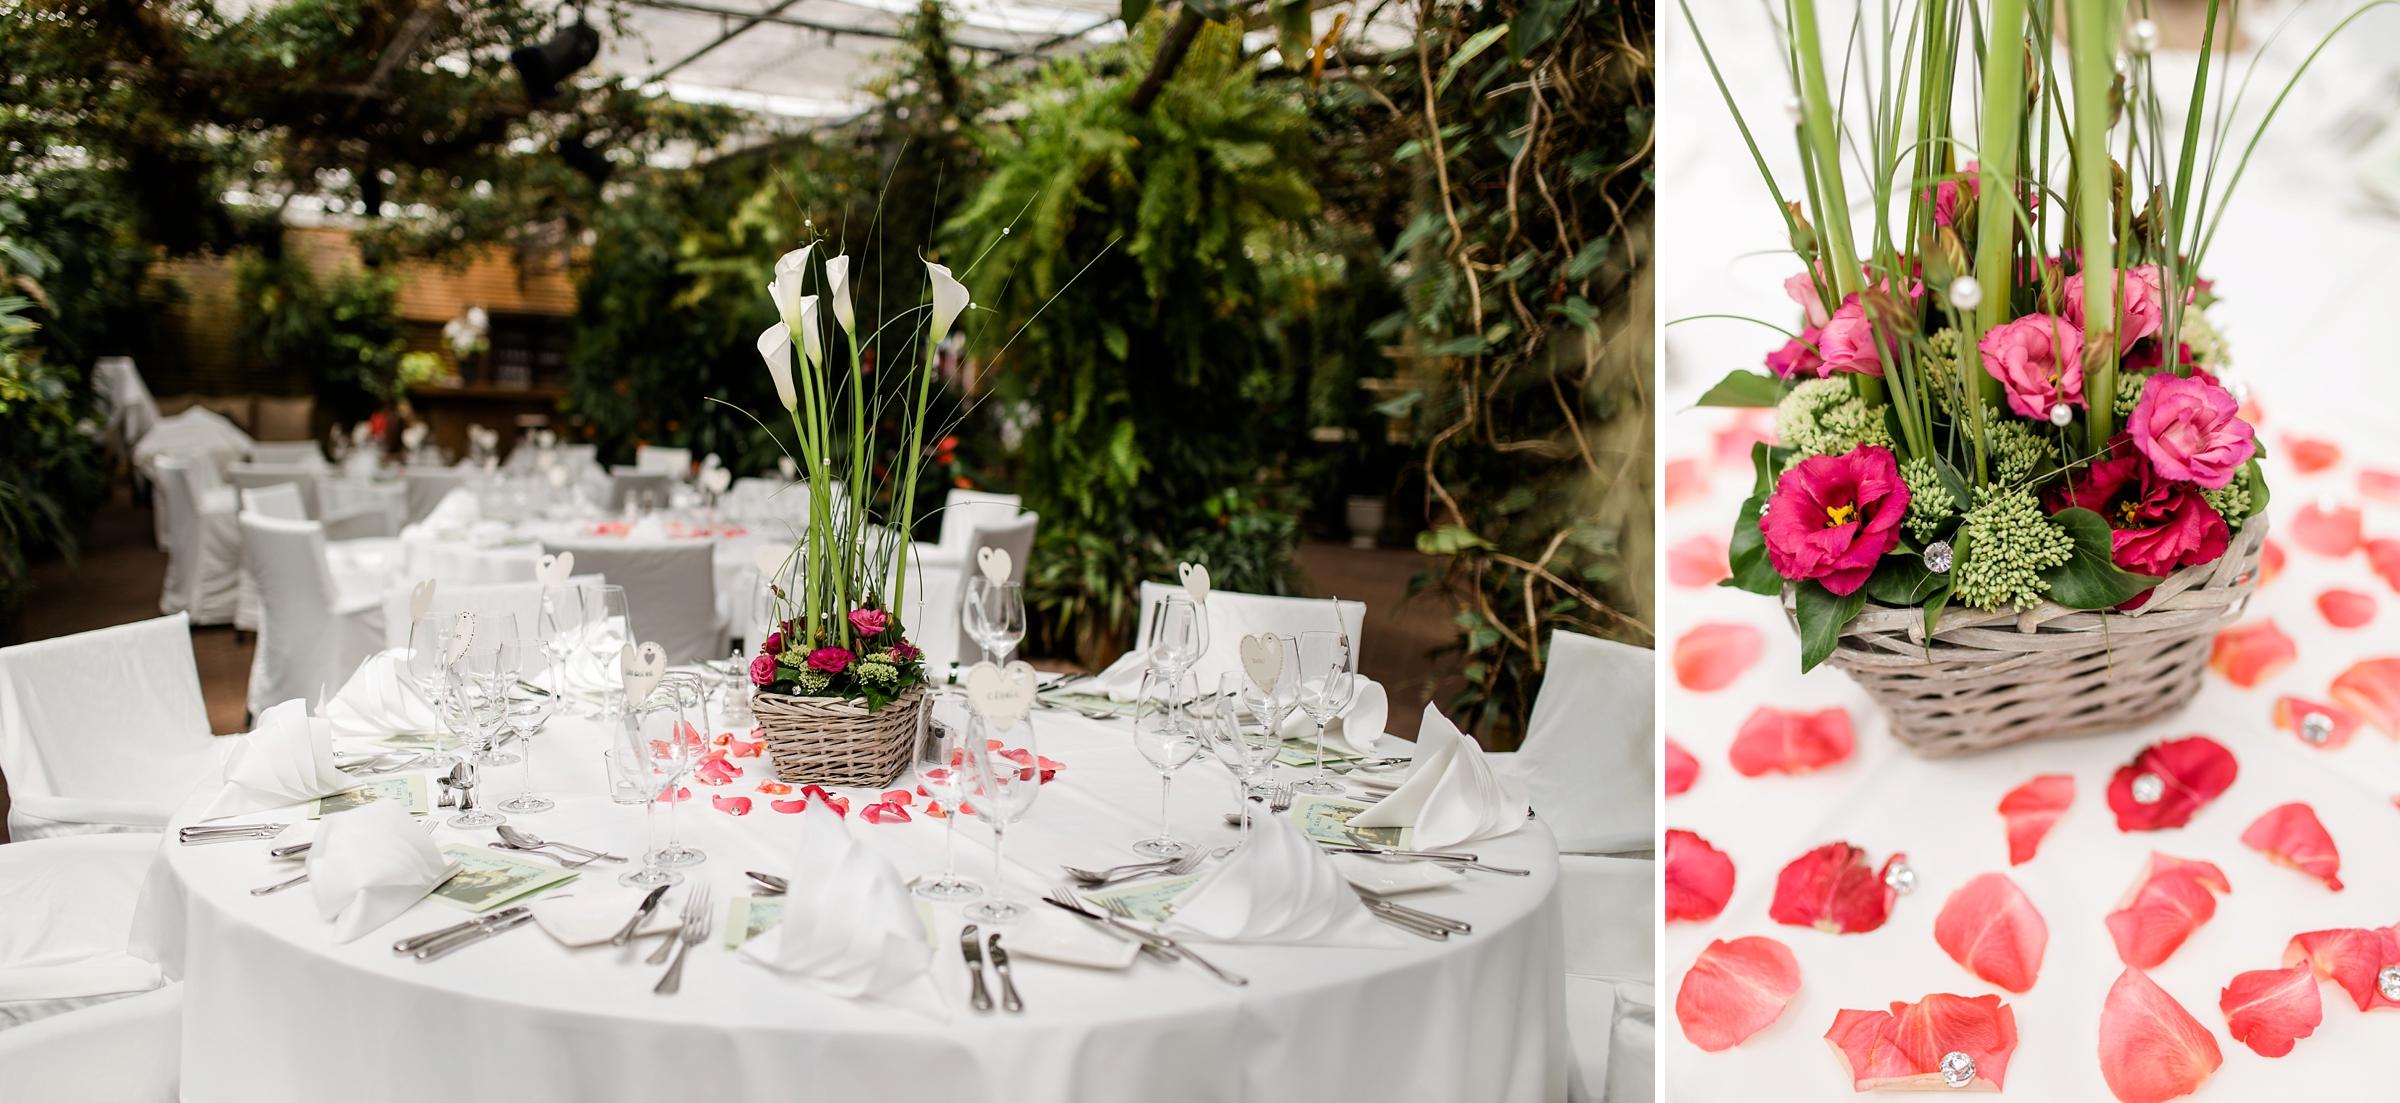 Hochzeitsreportage-Zuerich-Giardino-Verde-Uitikon-Blumenschmuck-Tischdeko